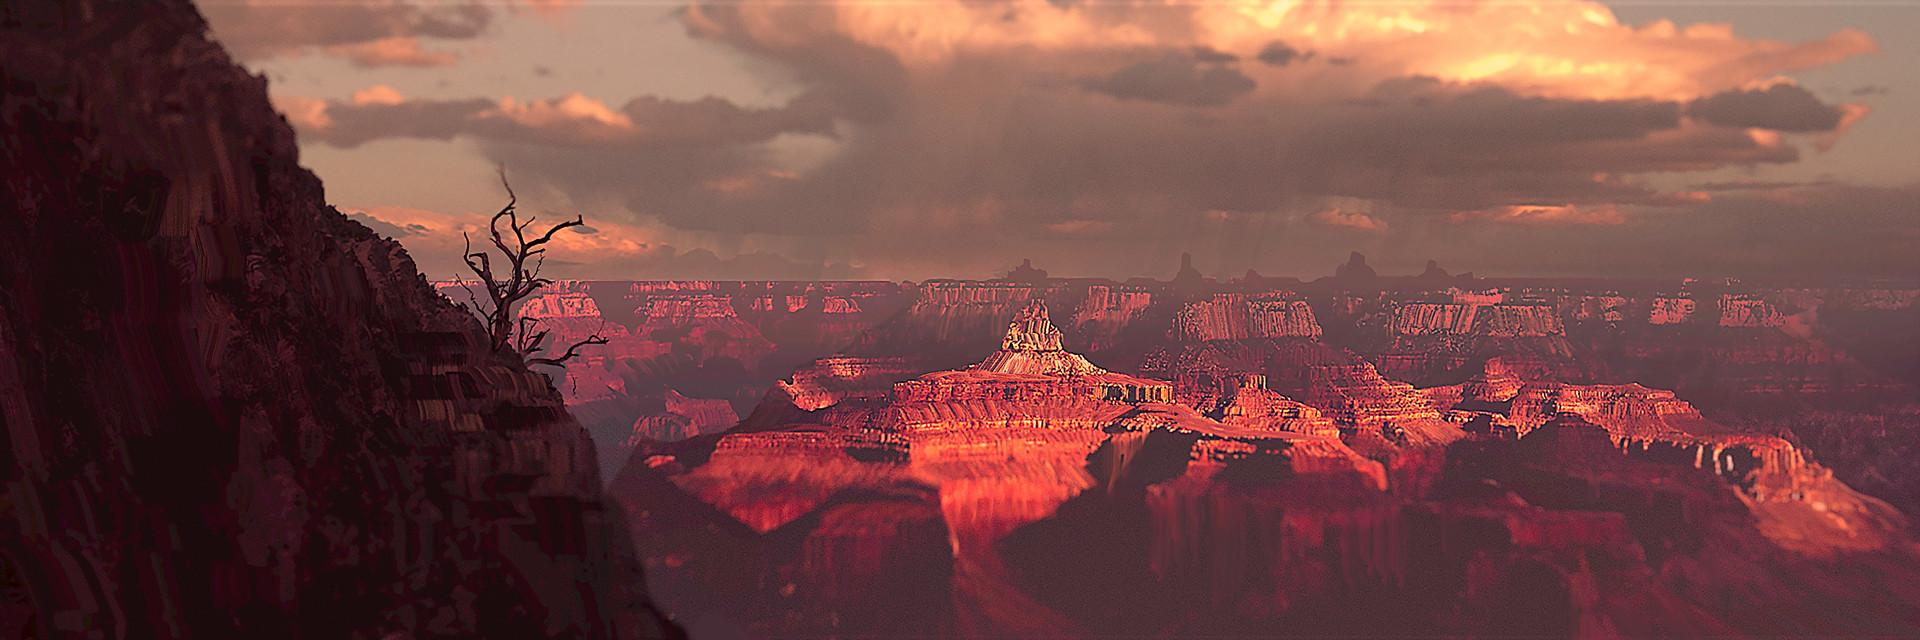 Ryan groskamp canyon view